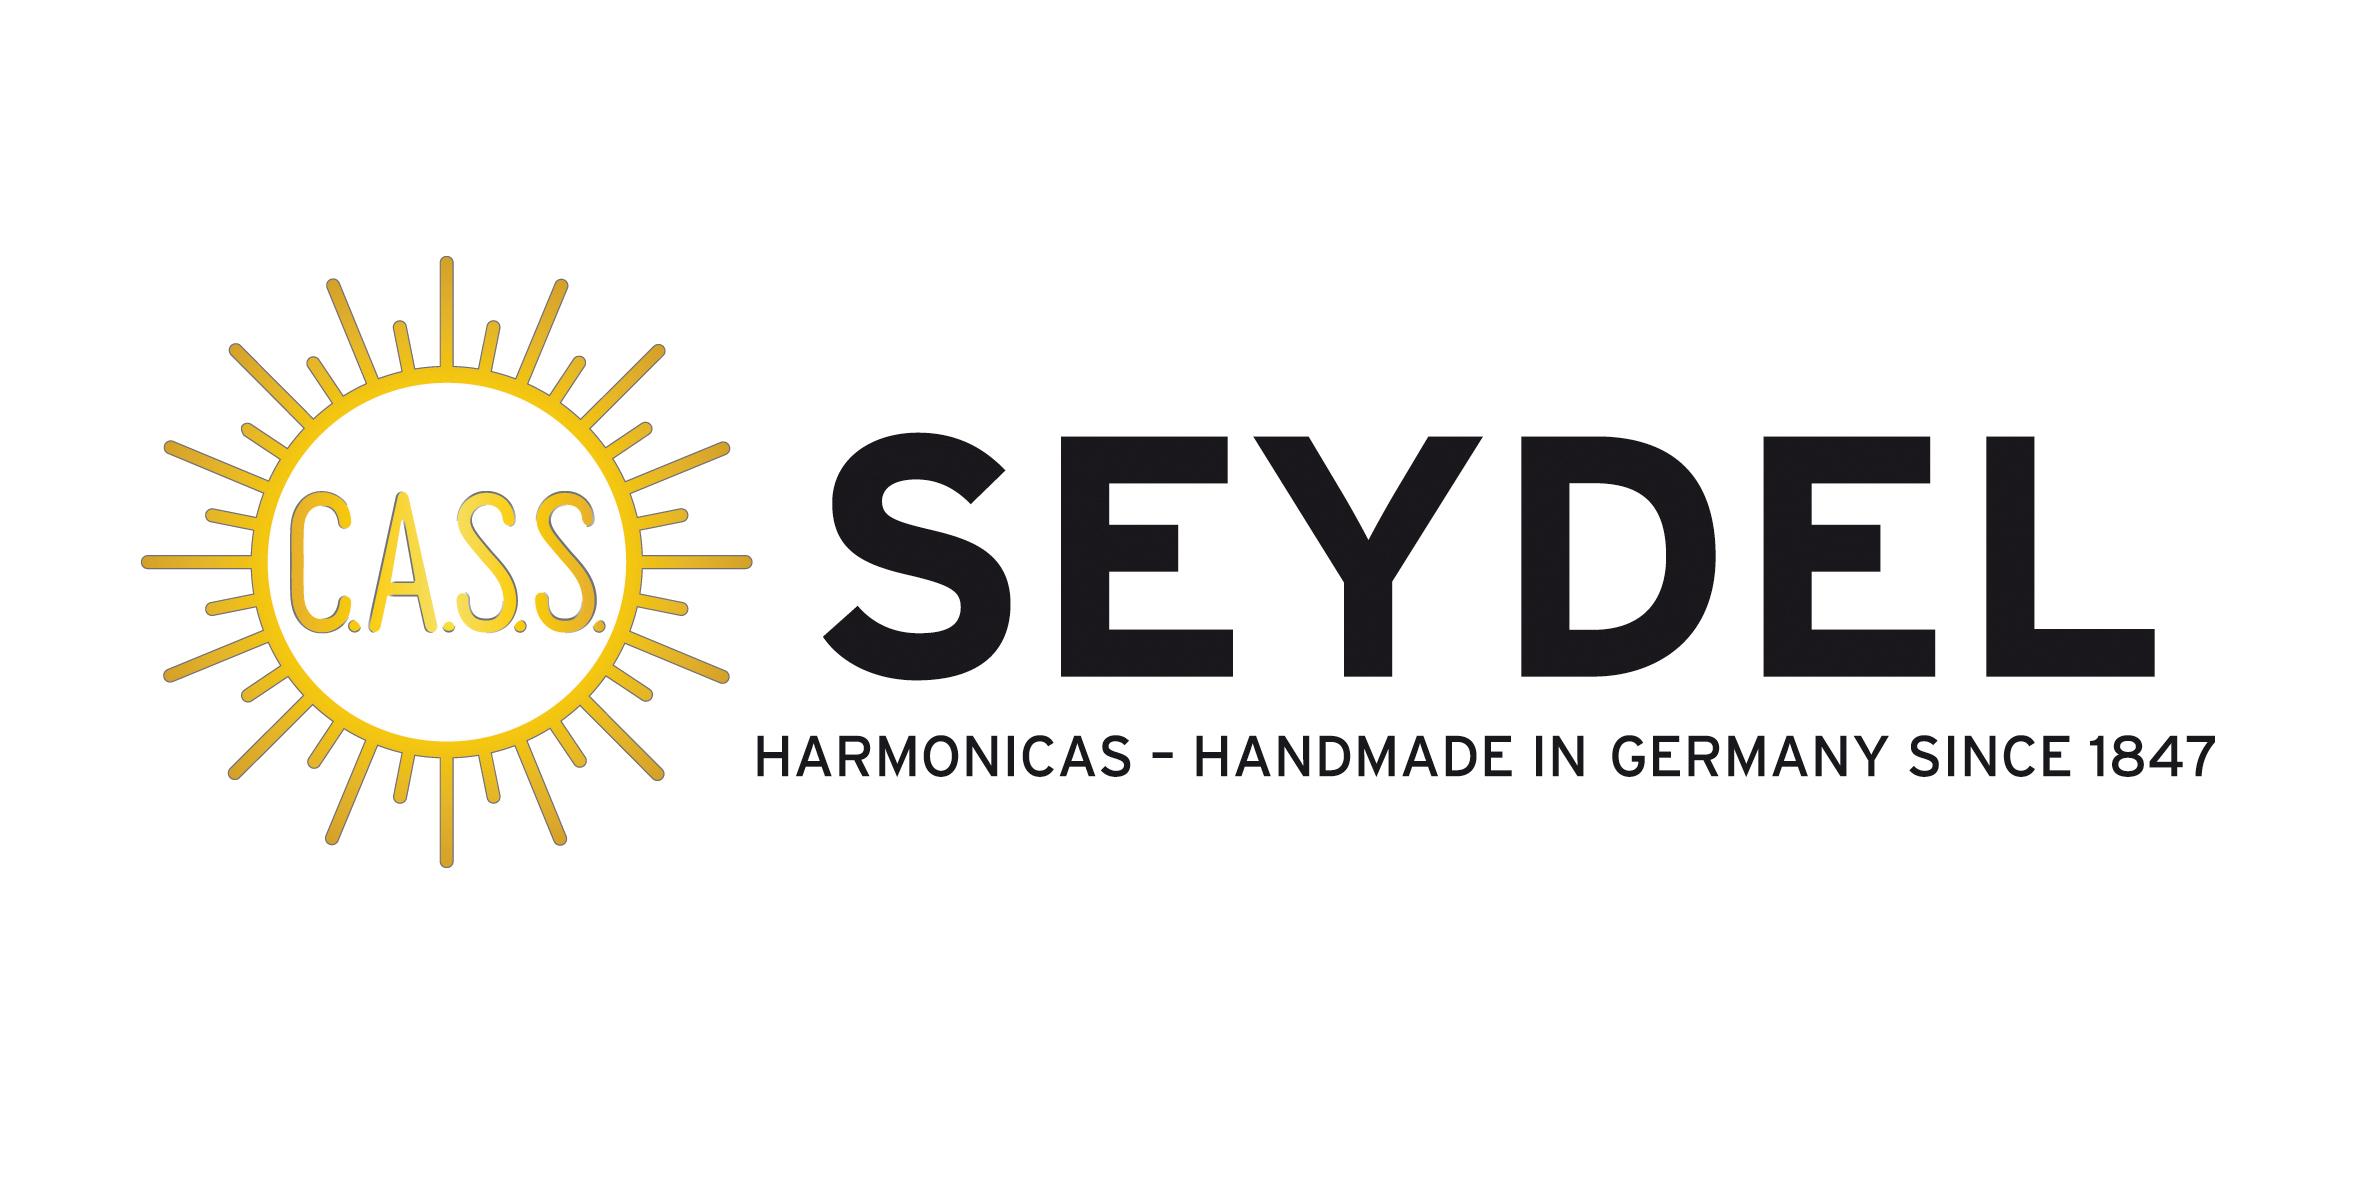 C.A. SEYDEL Söhne GmbH